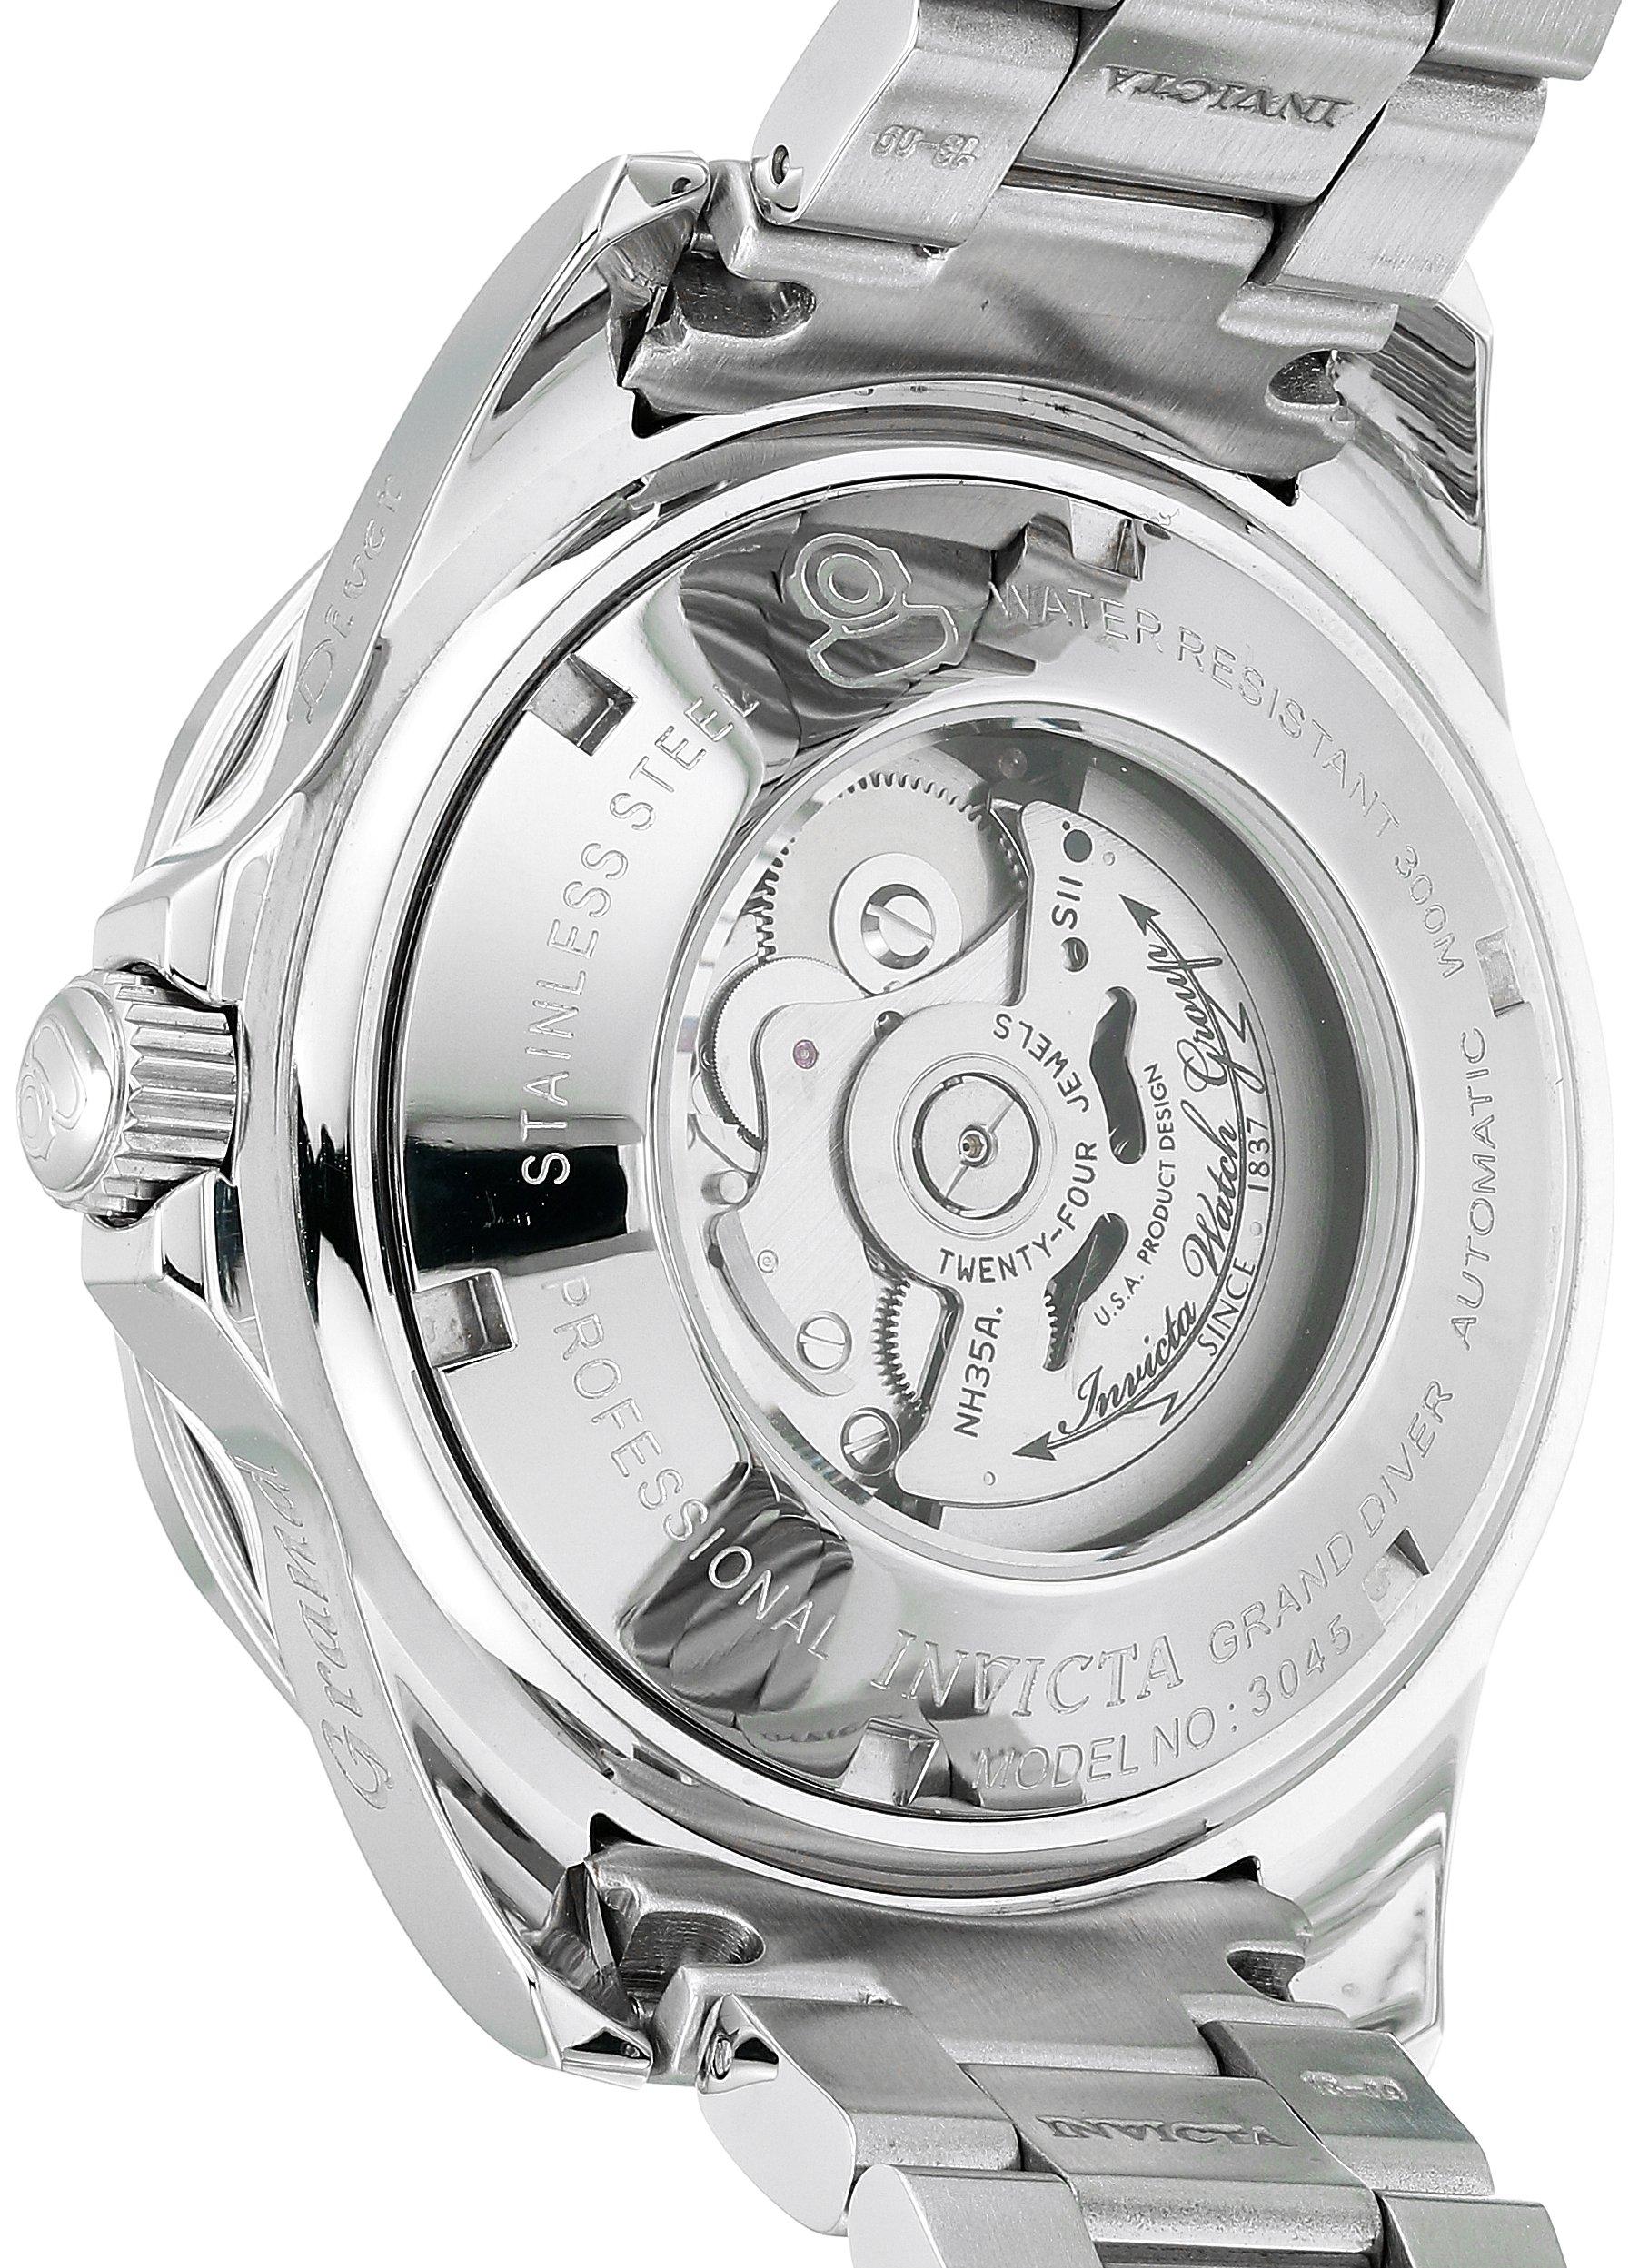 Invicta-3045-Pro-Diver-Herren-Uhr-Edelstahl-Automatik-blauen-Zifferblat